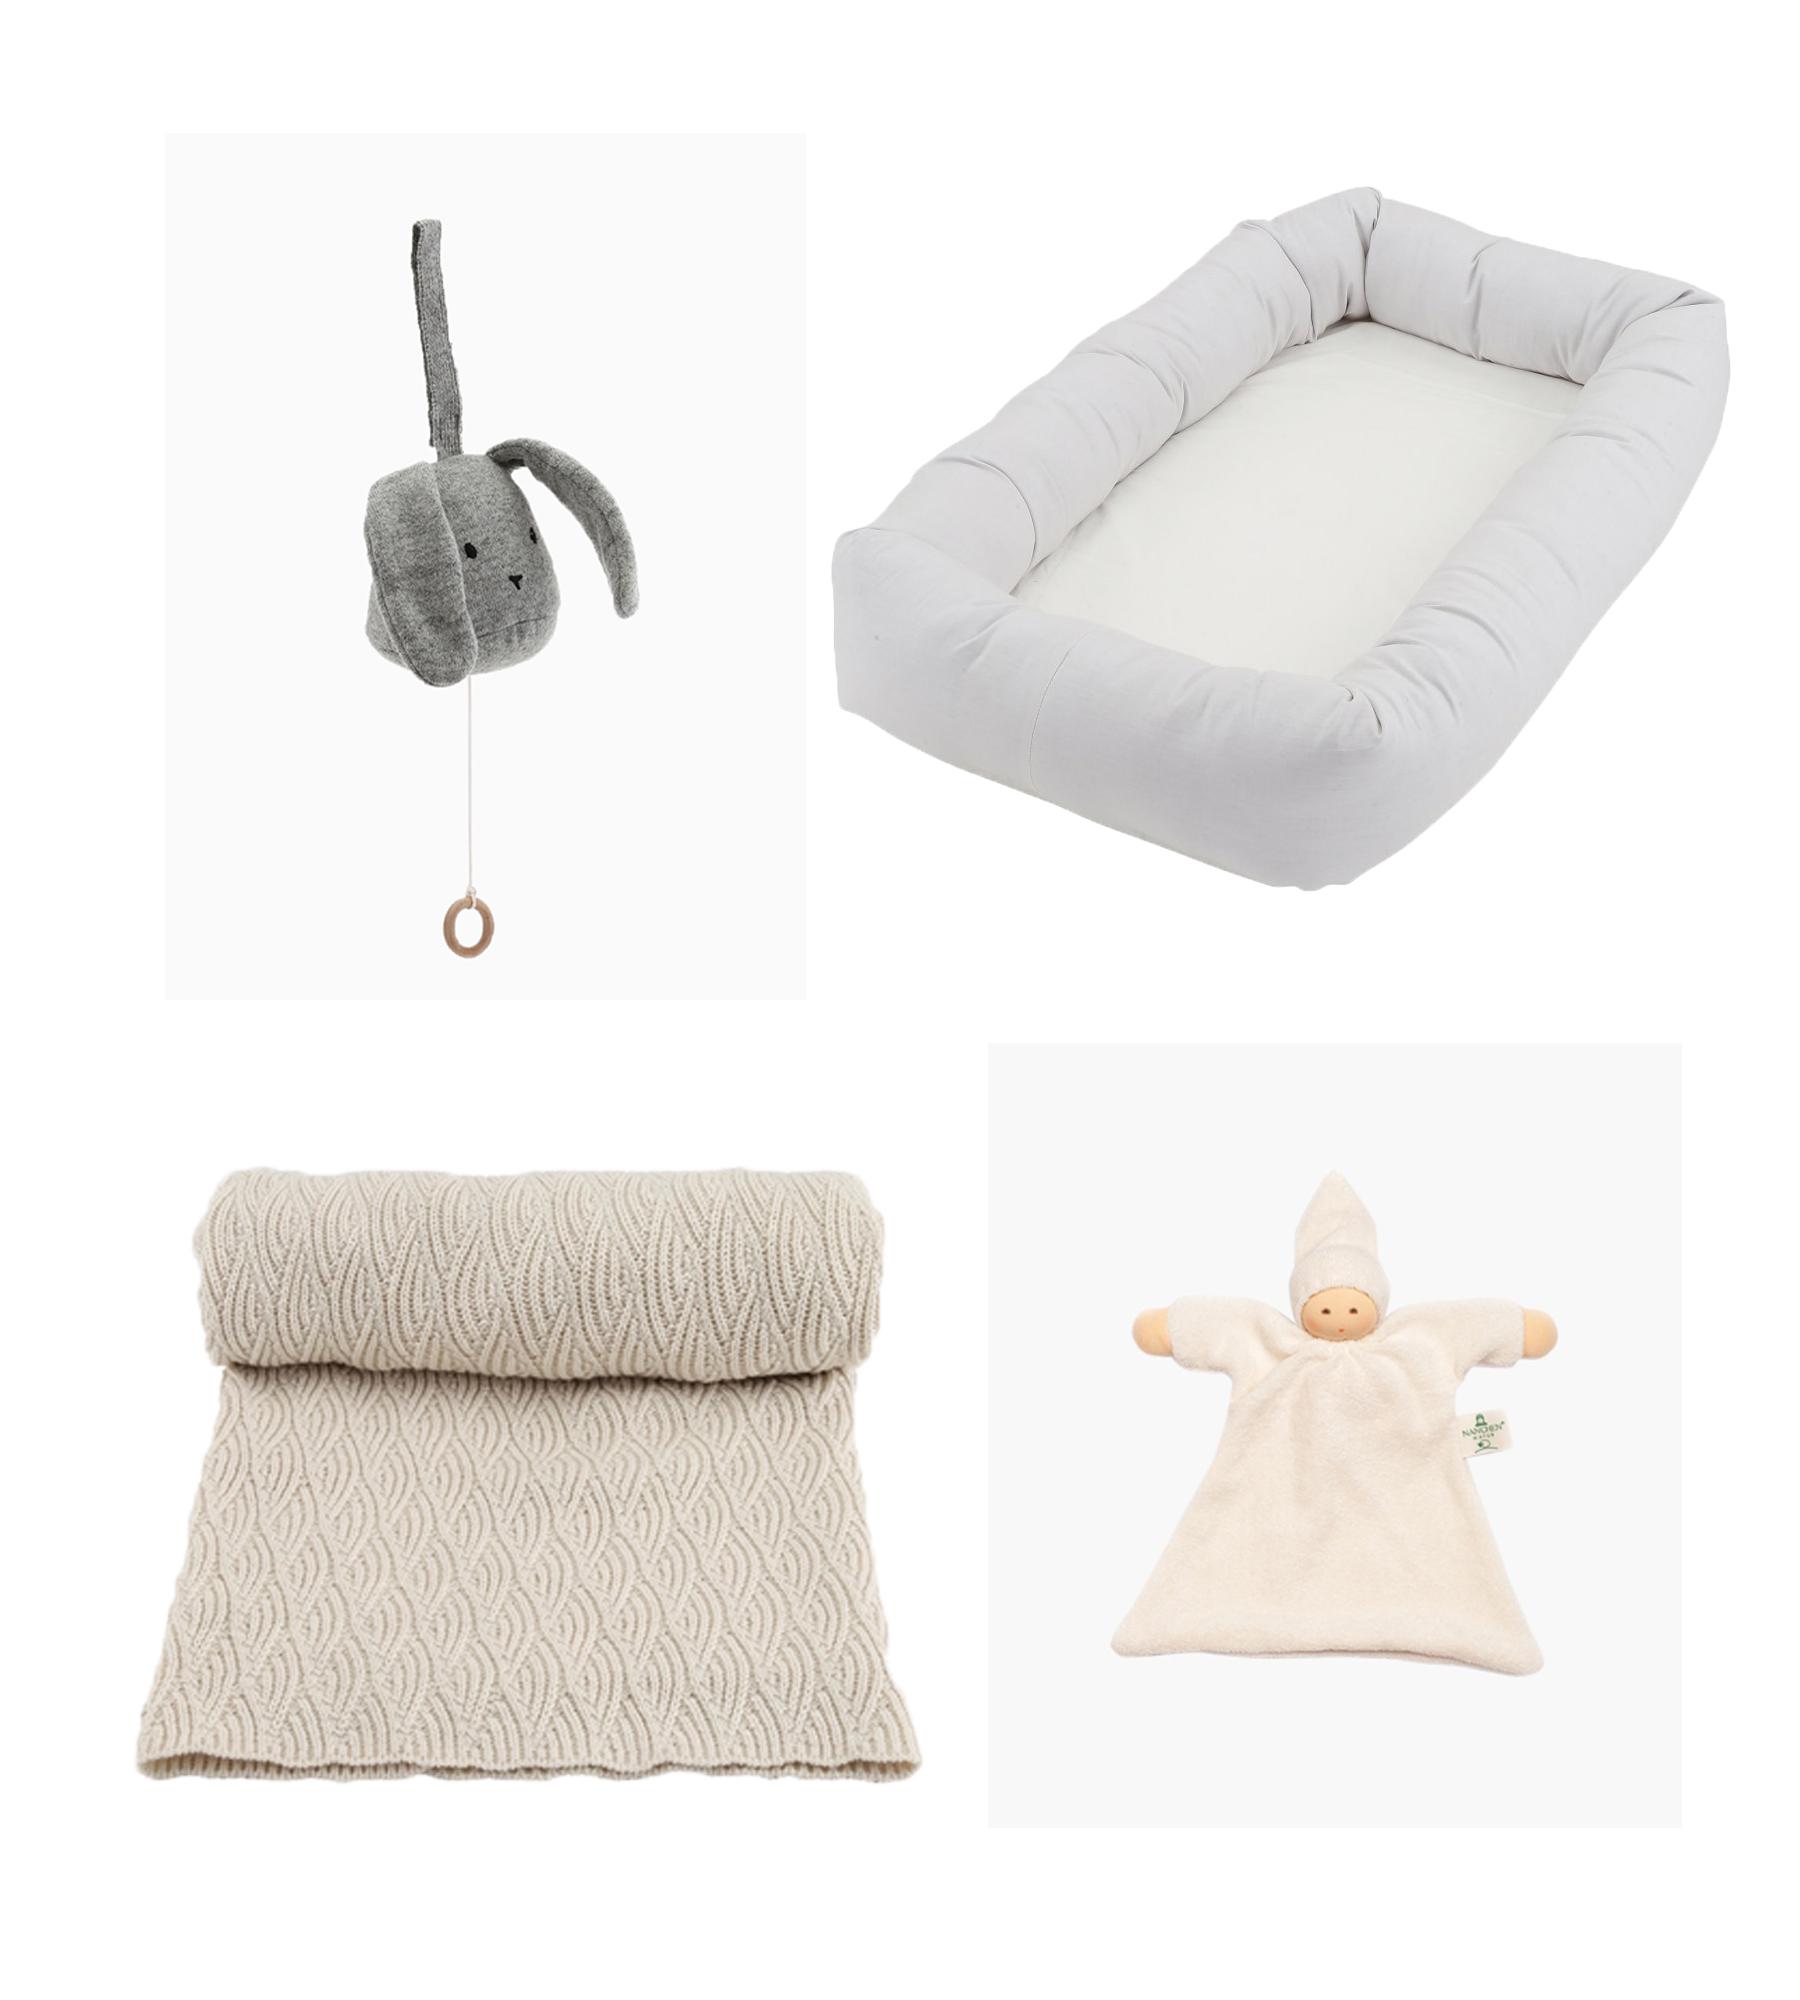 Music box// KONGES SLØJD  Blanket// KONGES SLØJD  Baby nest// KONGES SLØJD  Soft toy// NANCHEN